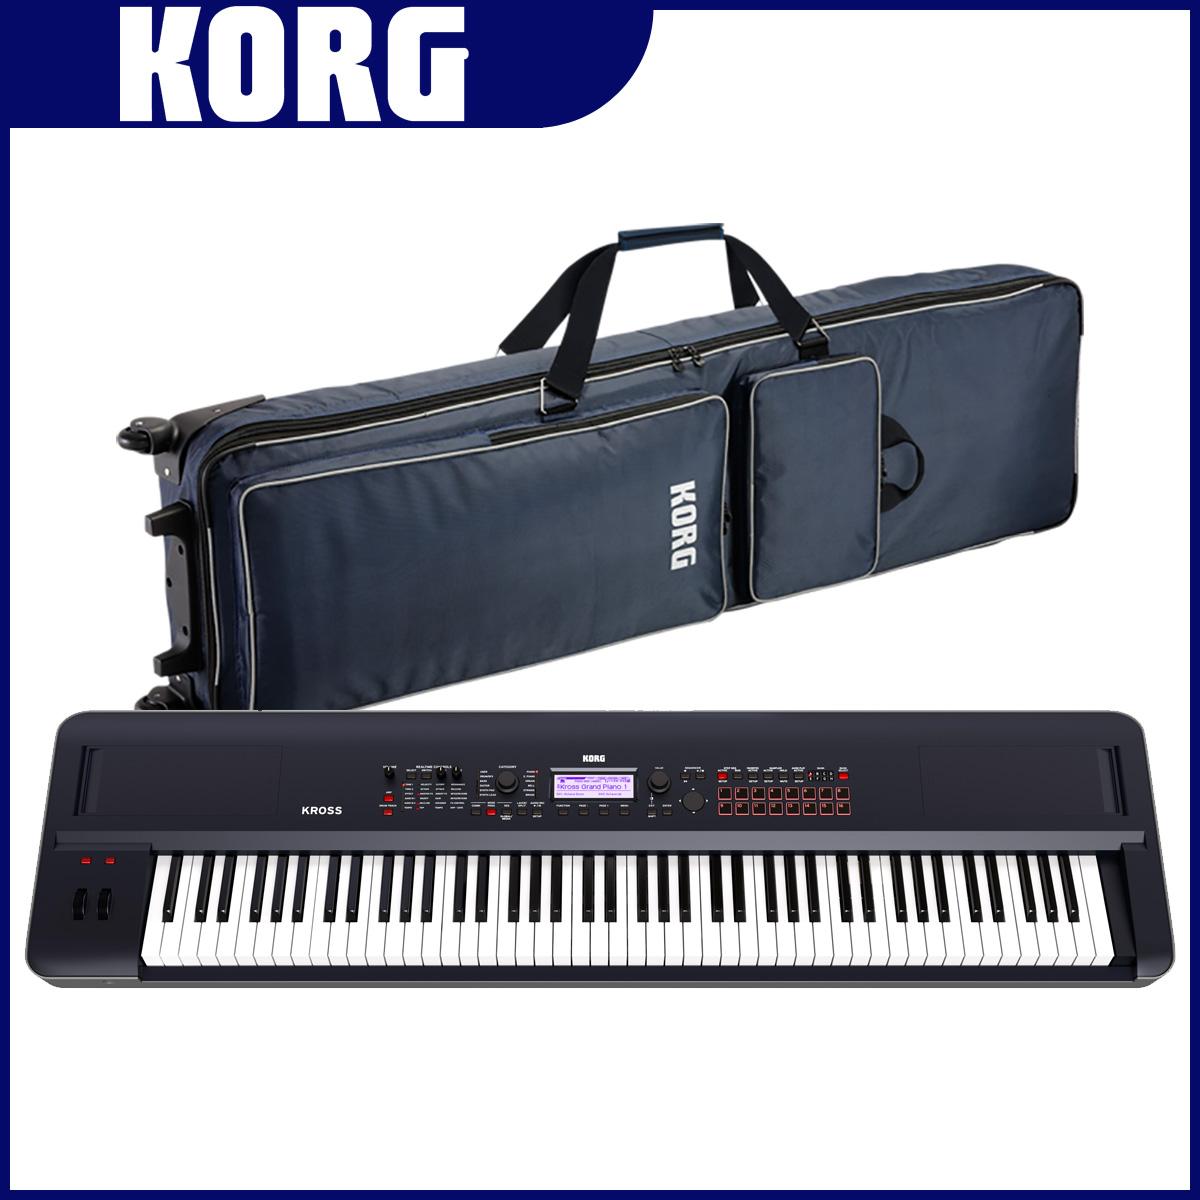 KORG コルグ / KROSS2-88 DB 【ケースセット!】ワークステーションシンセサイザー ダークブルー【YRK】